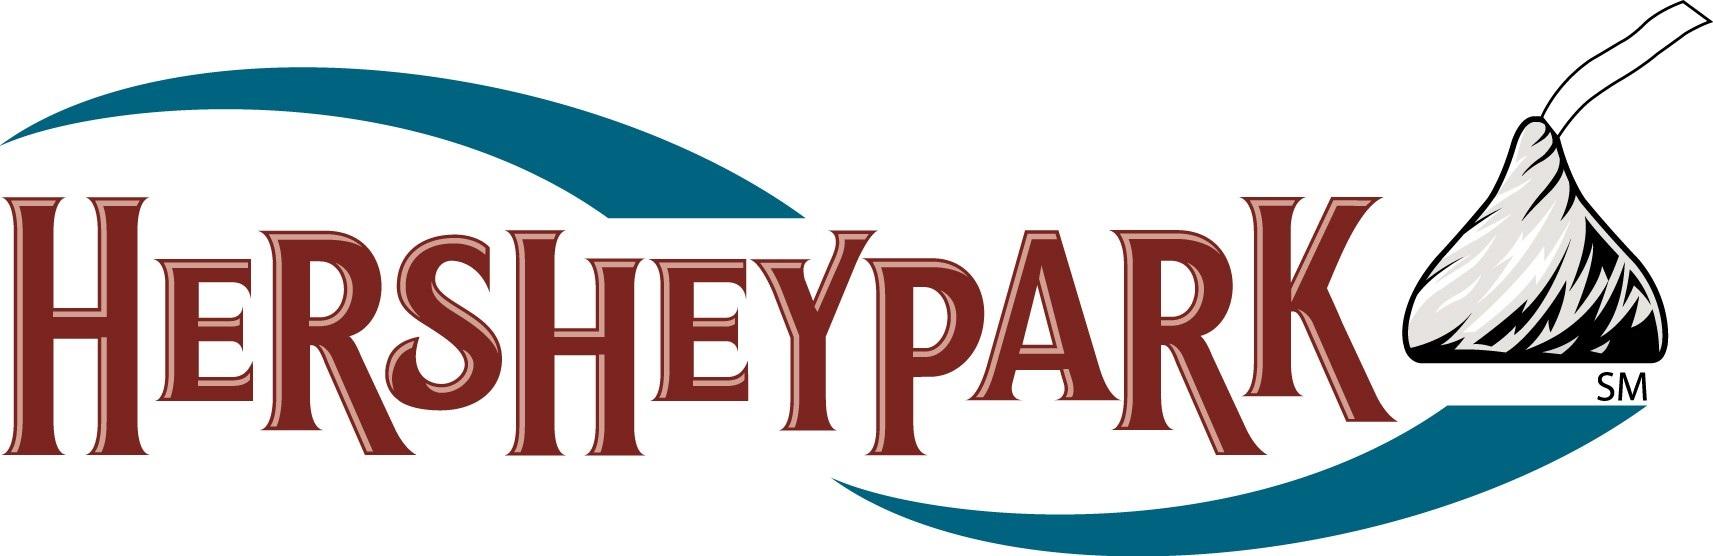 Image result for Hershey Park Logo